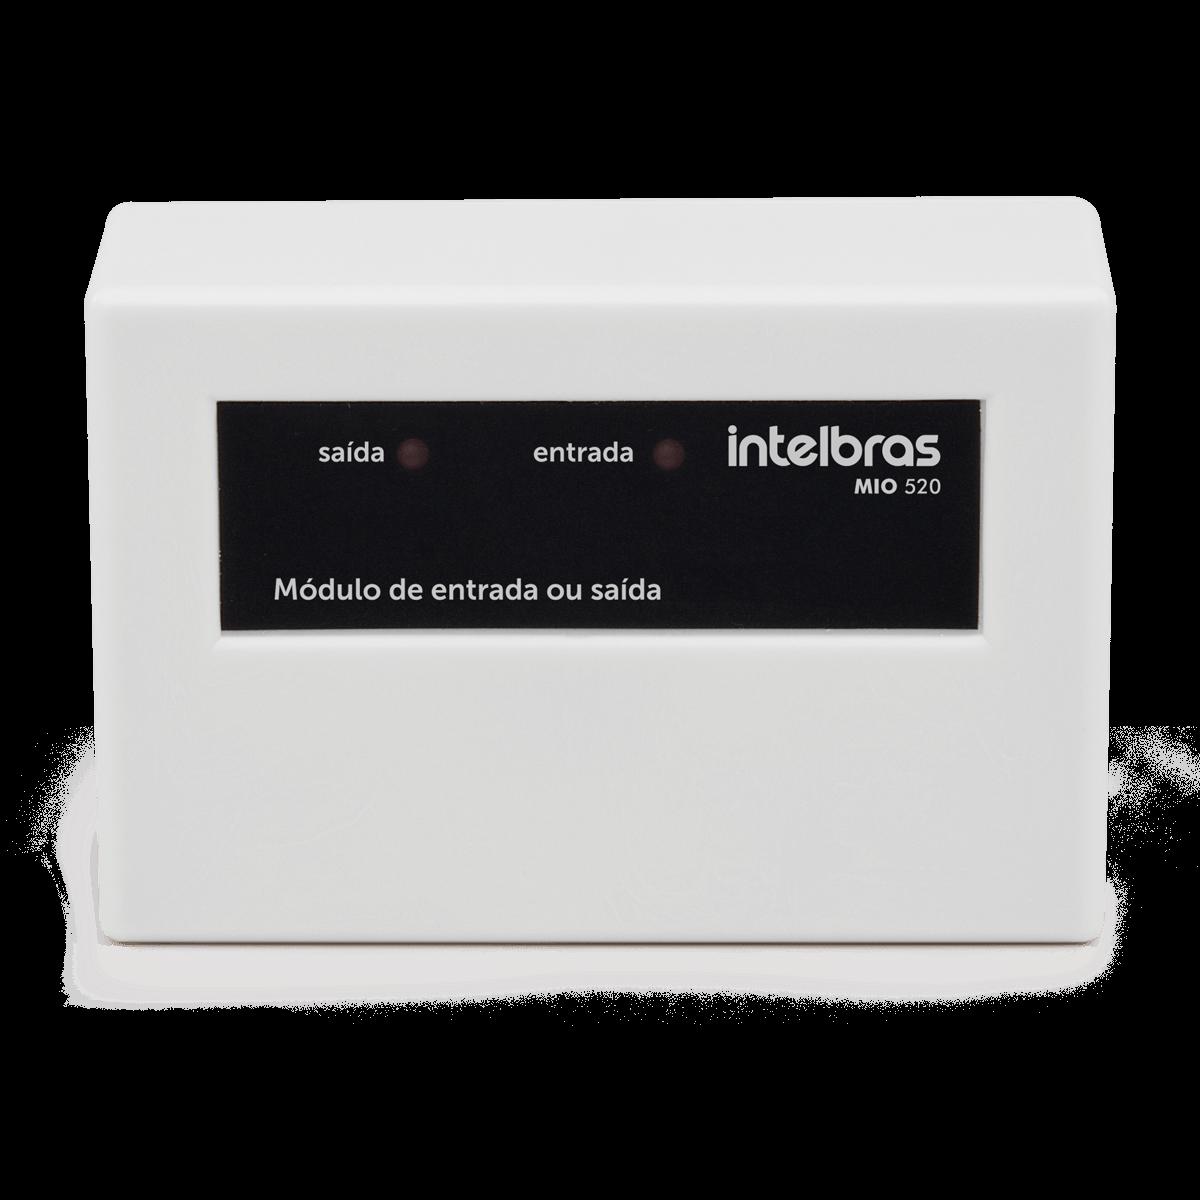 MÓDULO DE ENTRADA E SAÍDA MIO 520 Intelbras  - Sandercomp Virtual